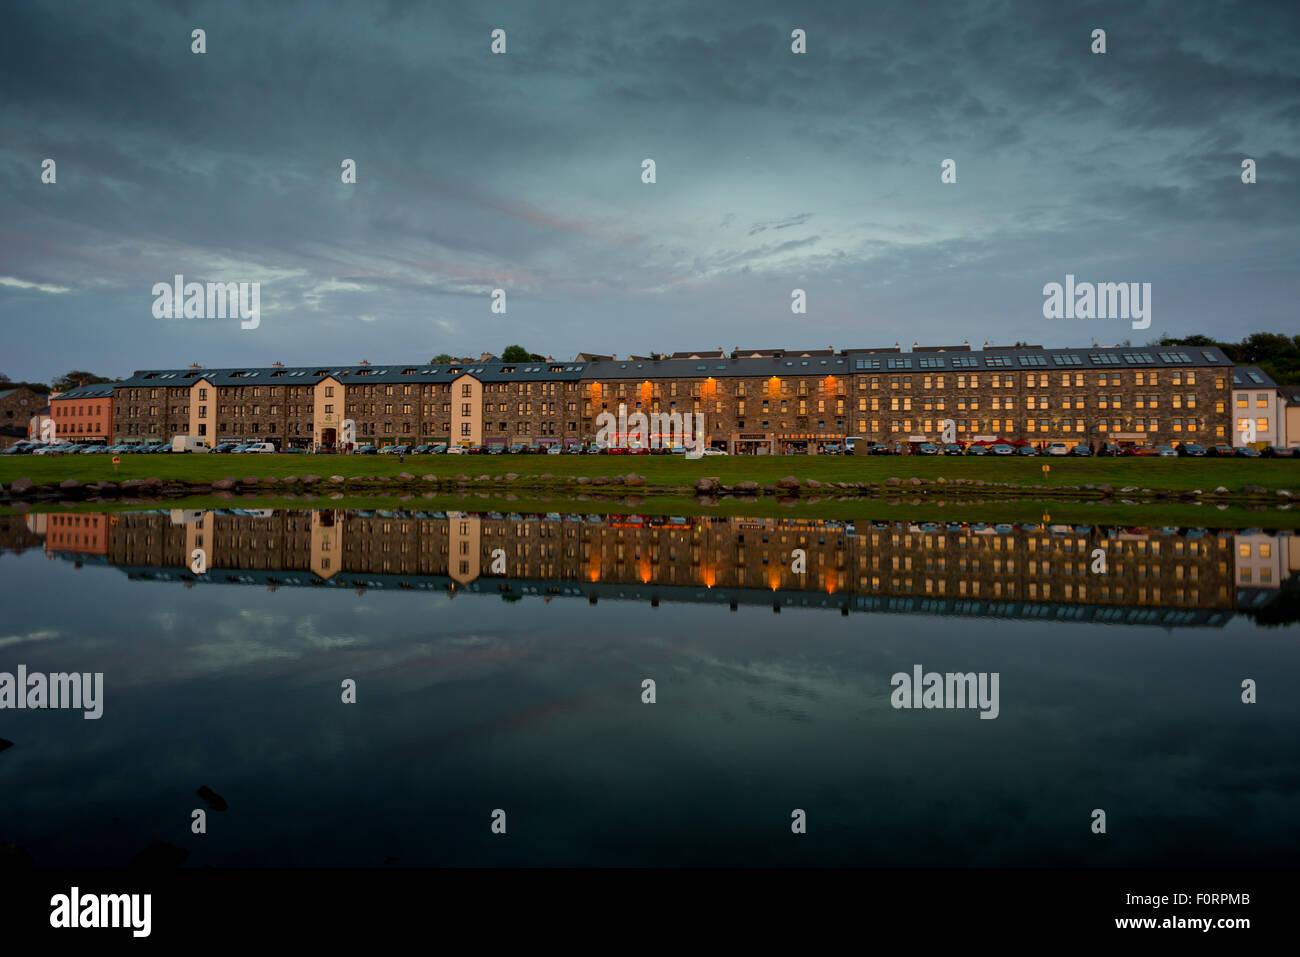 Westport Quay, Westport, Co. Mayo, Ireland - Stock Image